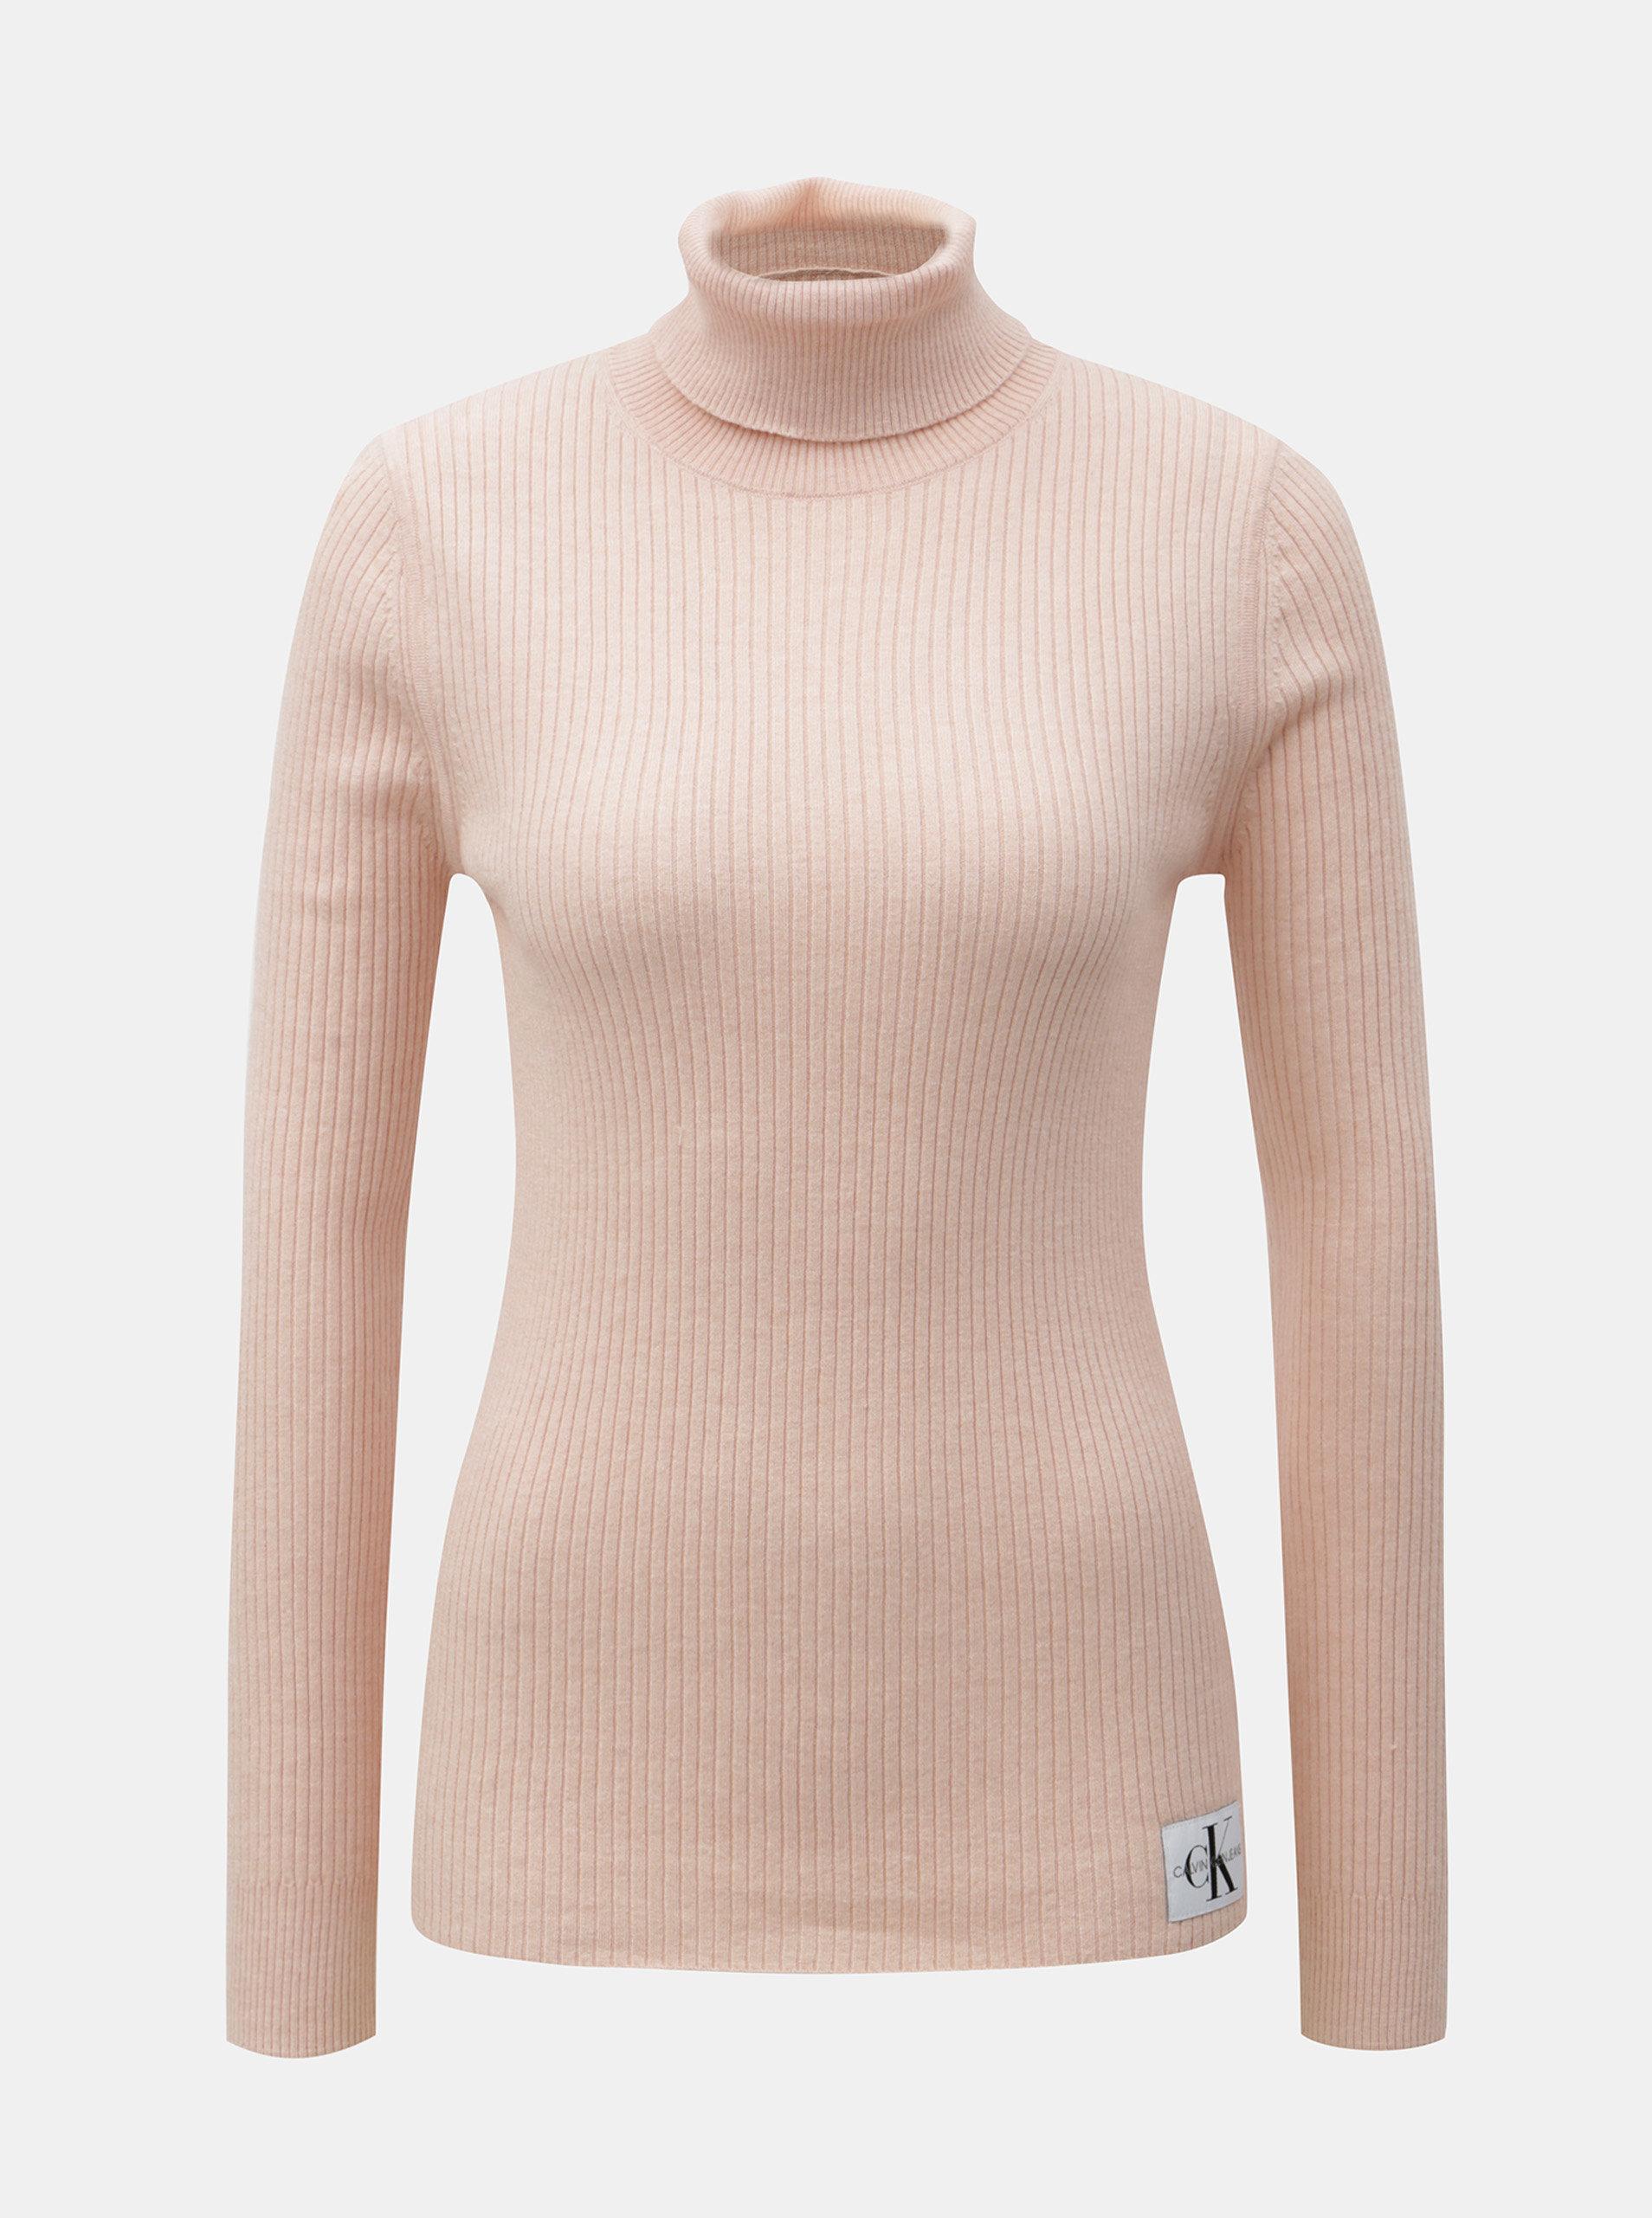 83892a4e9c08 Růžový dámský svetr s rolákem a nášivkou a příměsí vlny Calvin Klein Jeans  ...